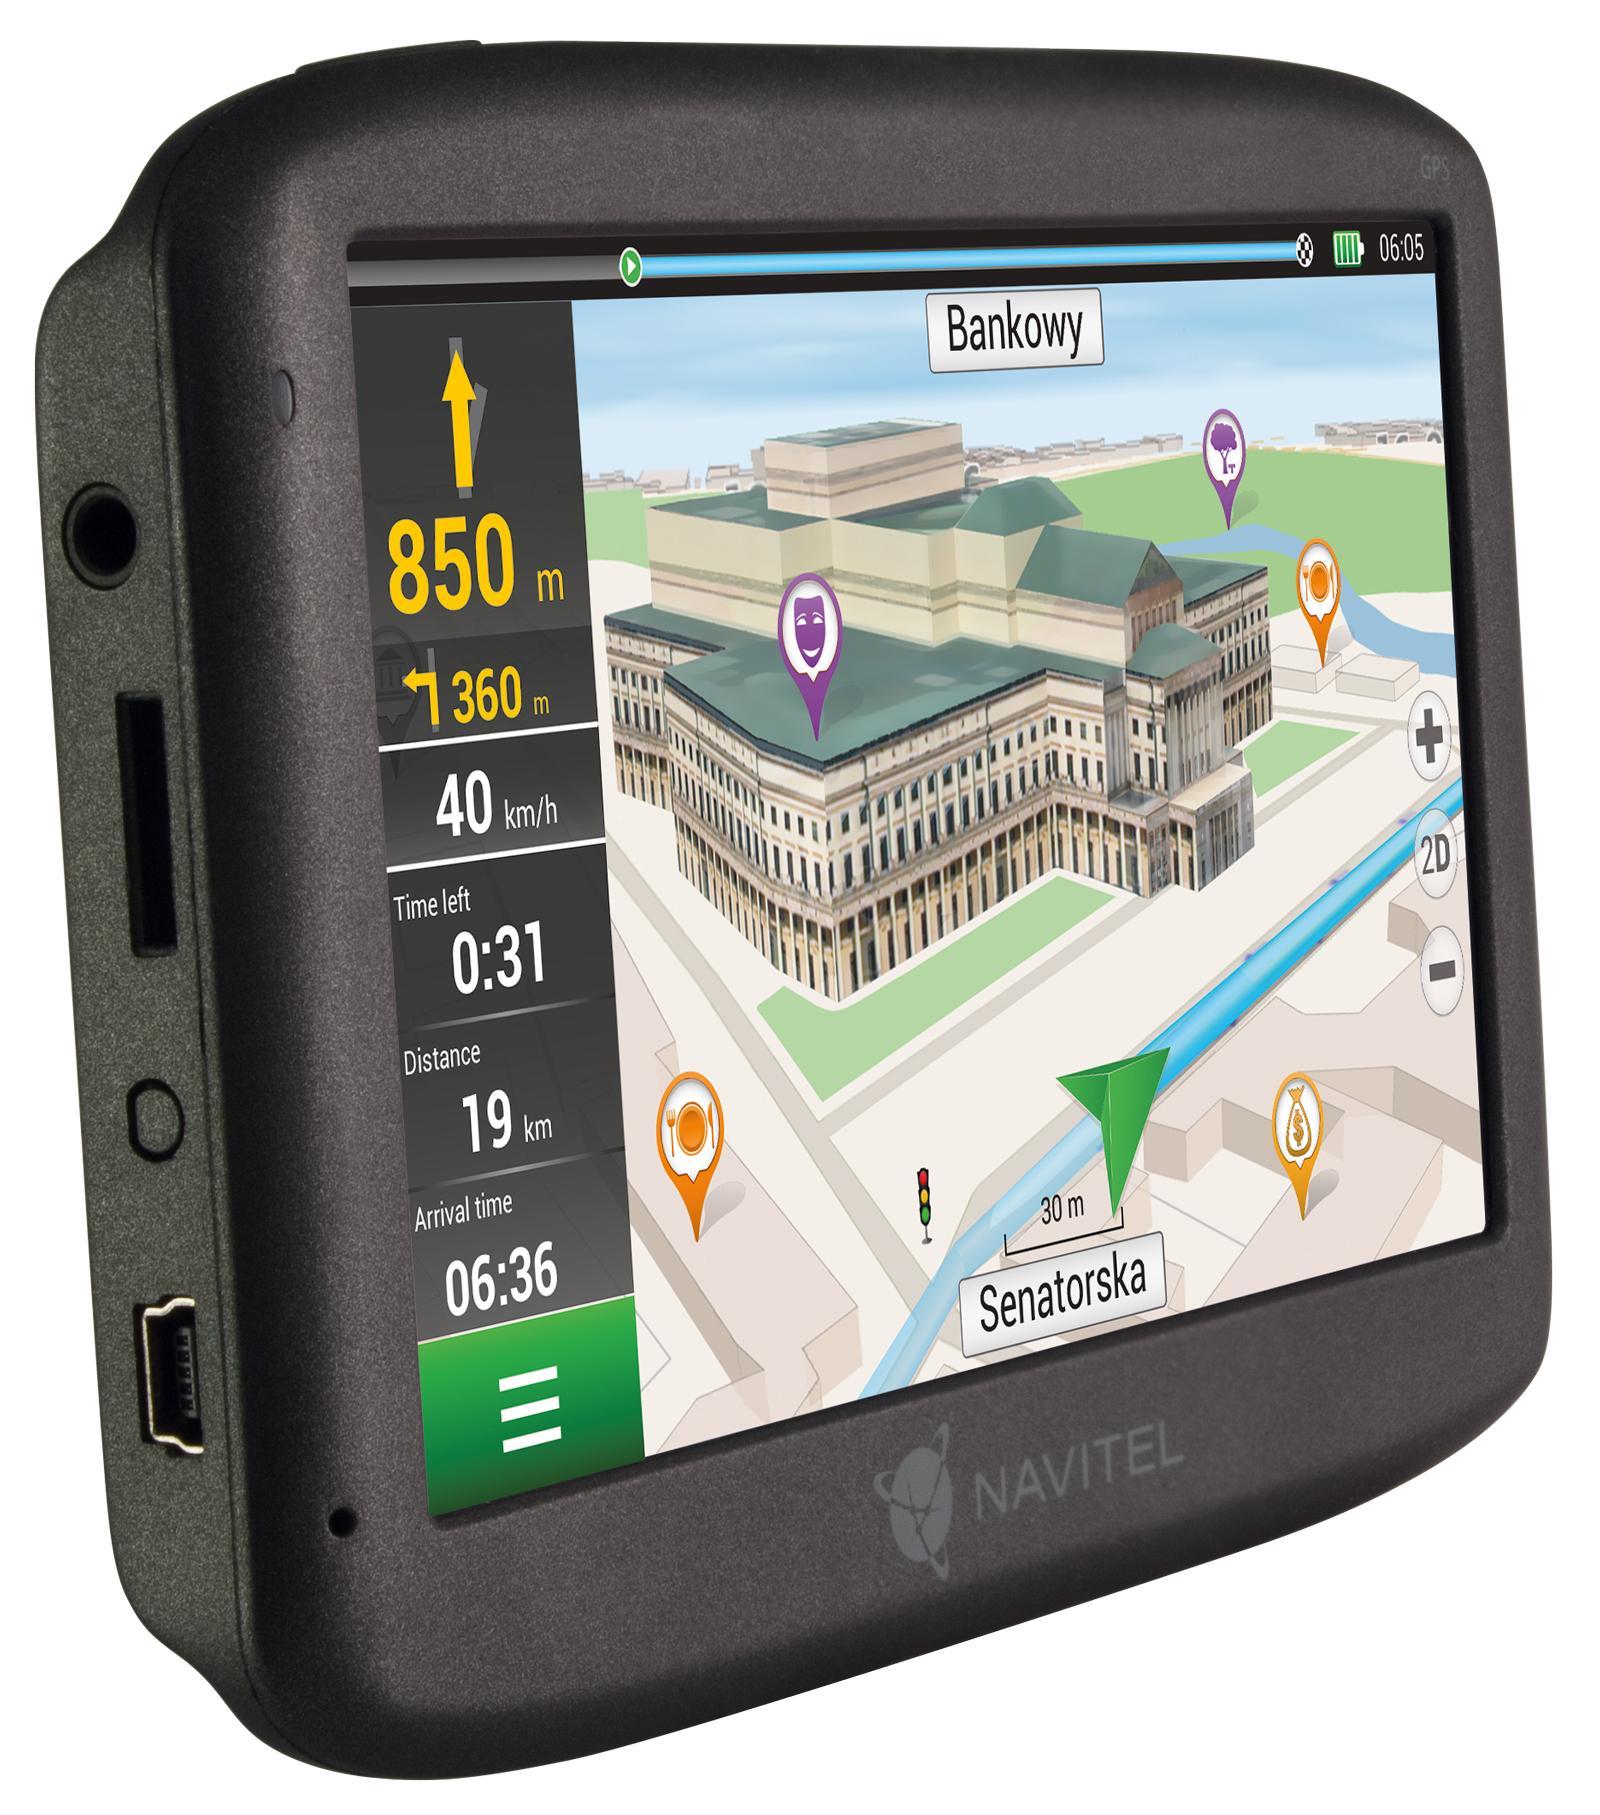 Navigationssystem NAVMS400 von NAVITEL